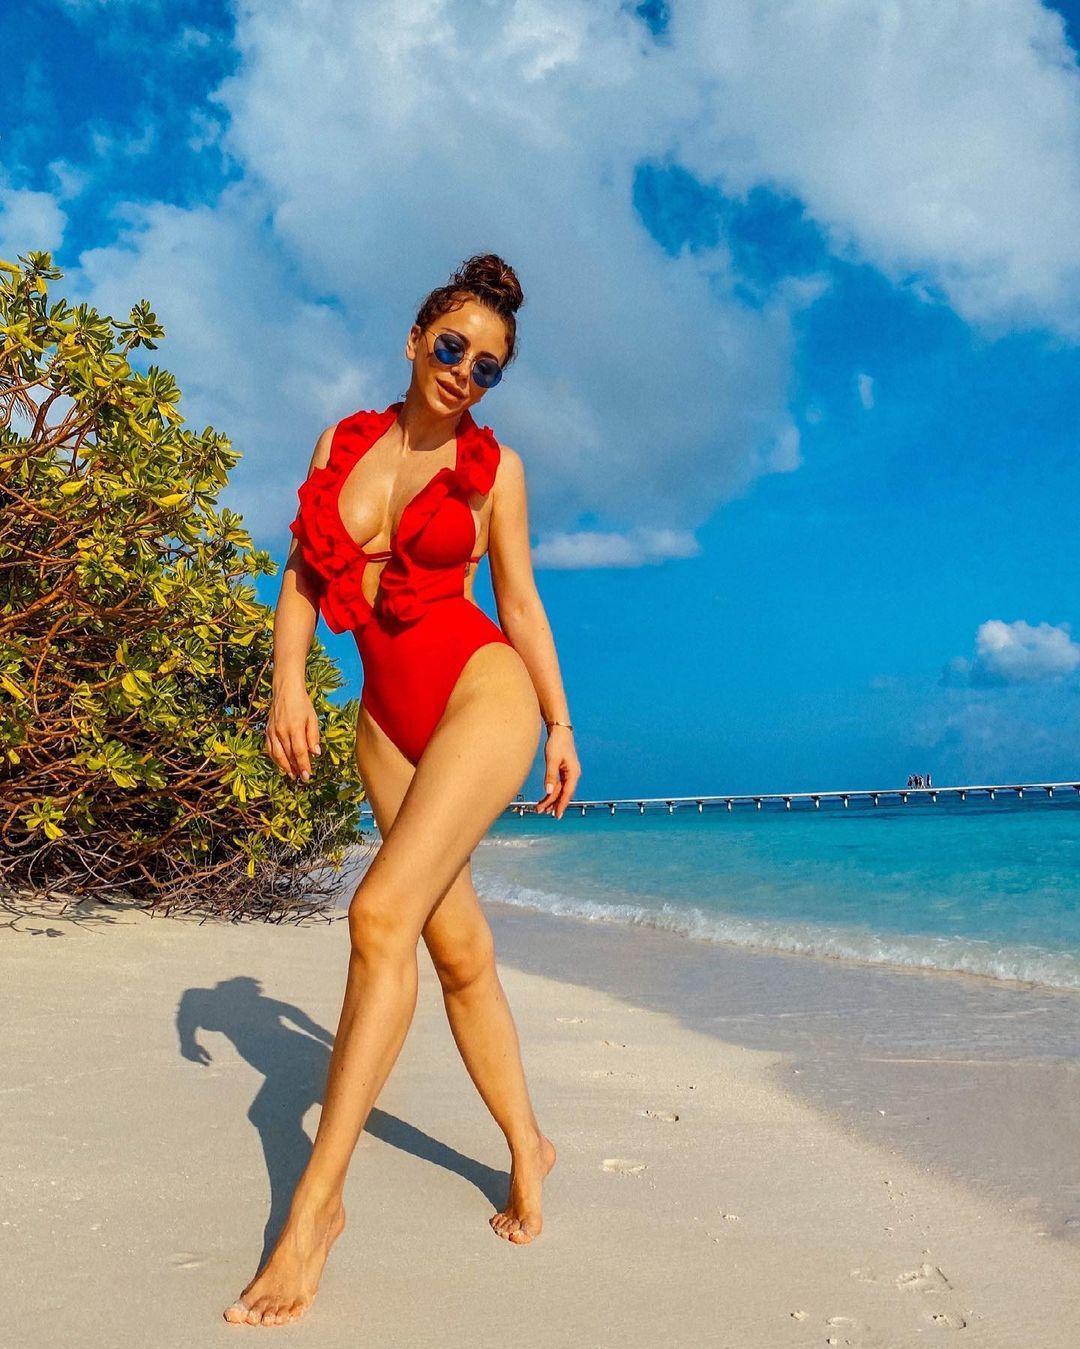 В Сети обсуждают фигуру Ани Лорак в красном купальнике